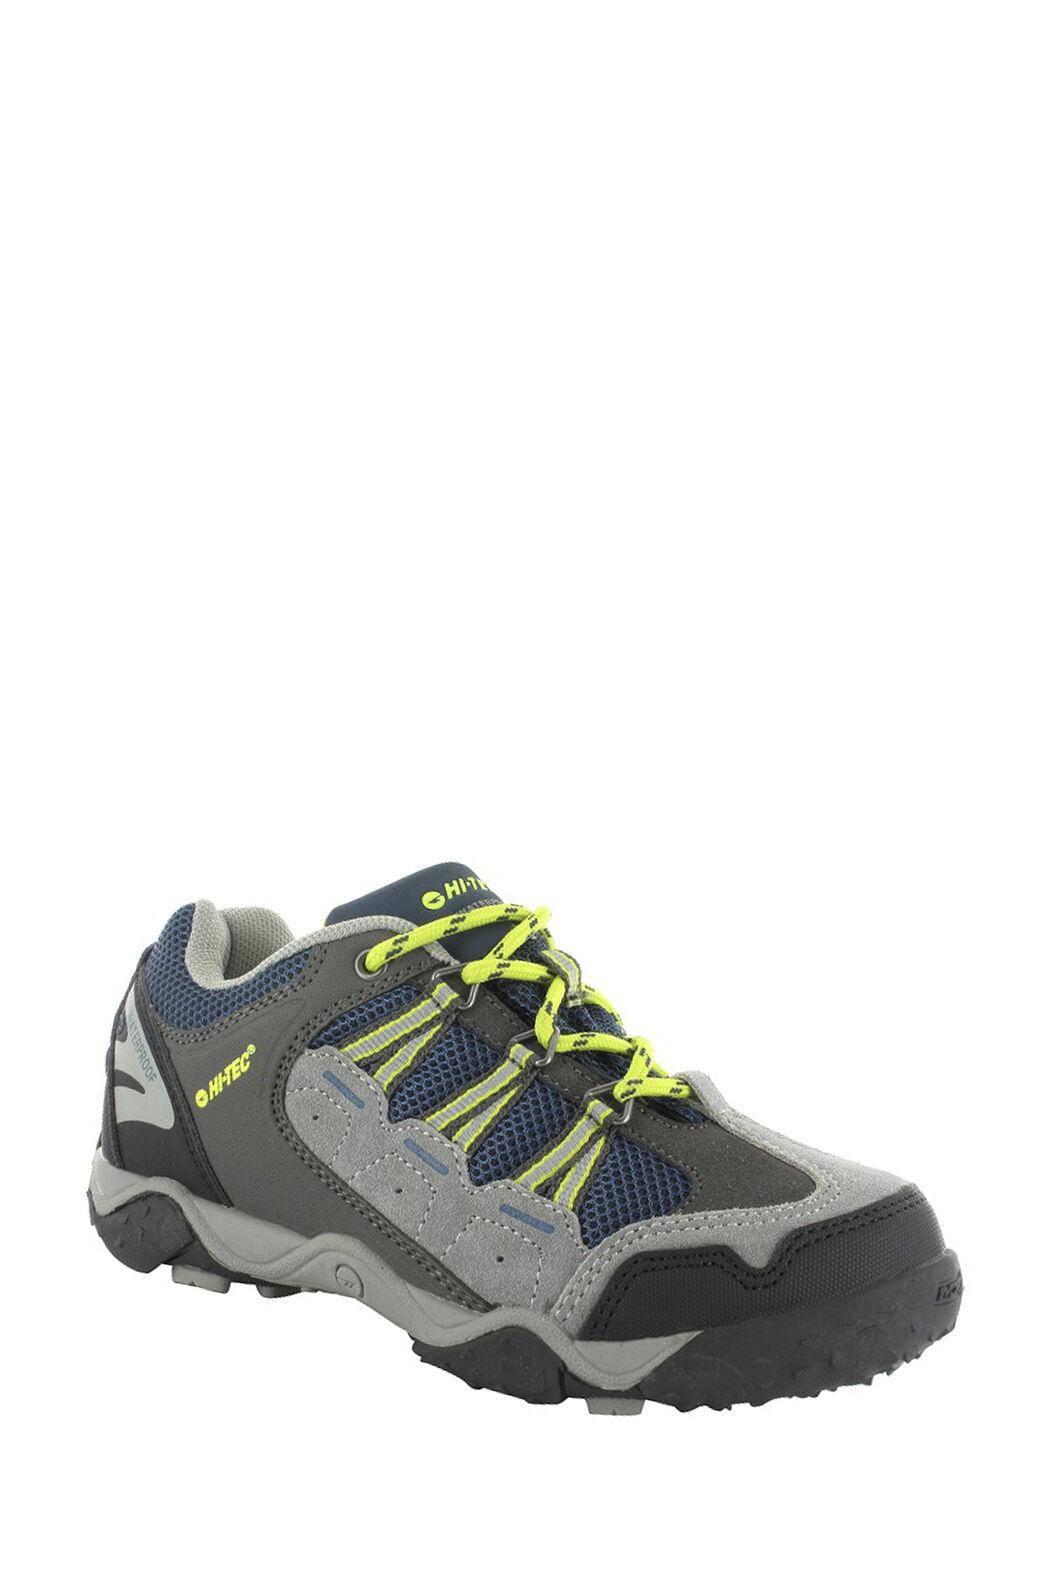 Hi-Tec Forza Low WP Shoes — Kids', Cool Grey/Majolica/Limoncello, hi-res